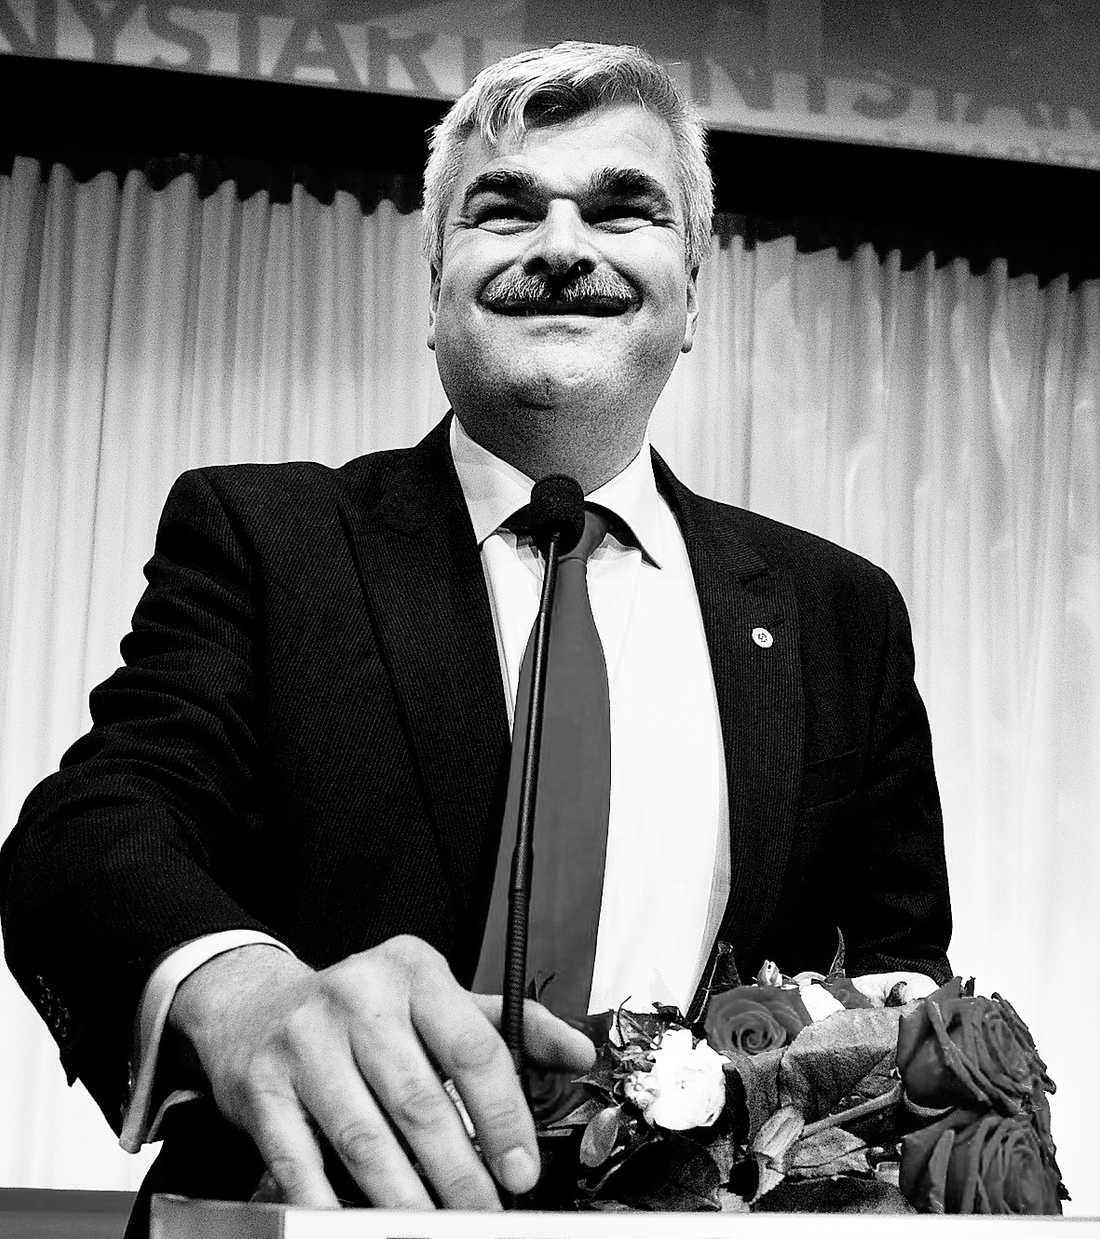 Håkan Juholt efter att ha blivit vald till partiledare för Socialdemokraterna 2013.